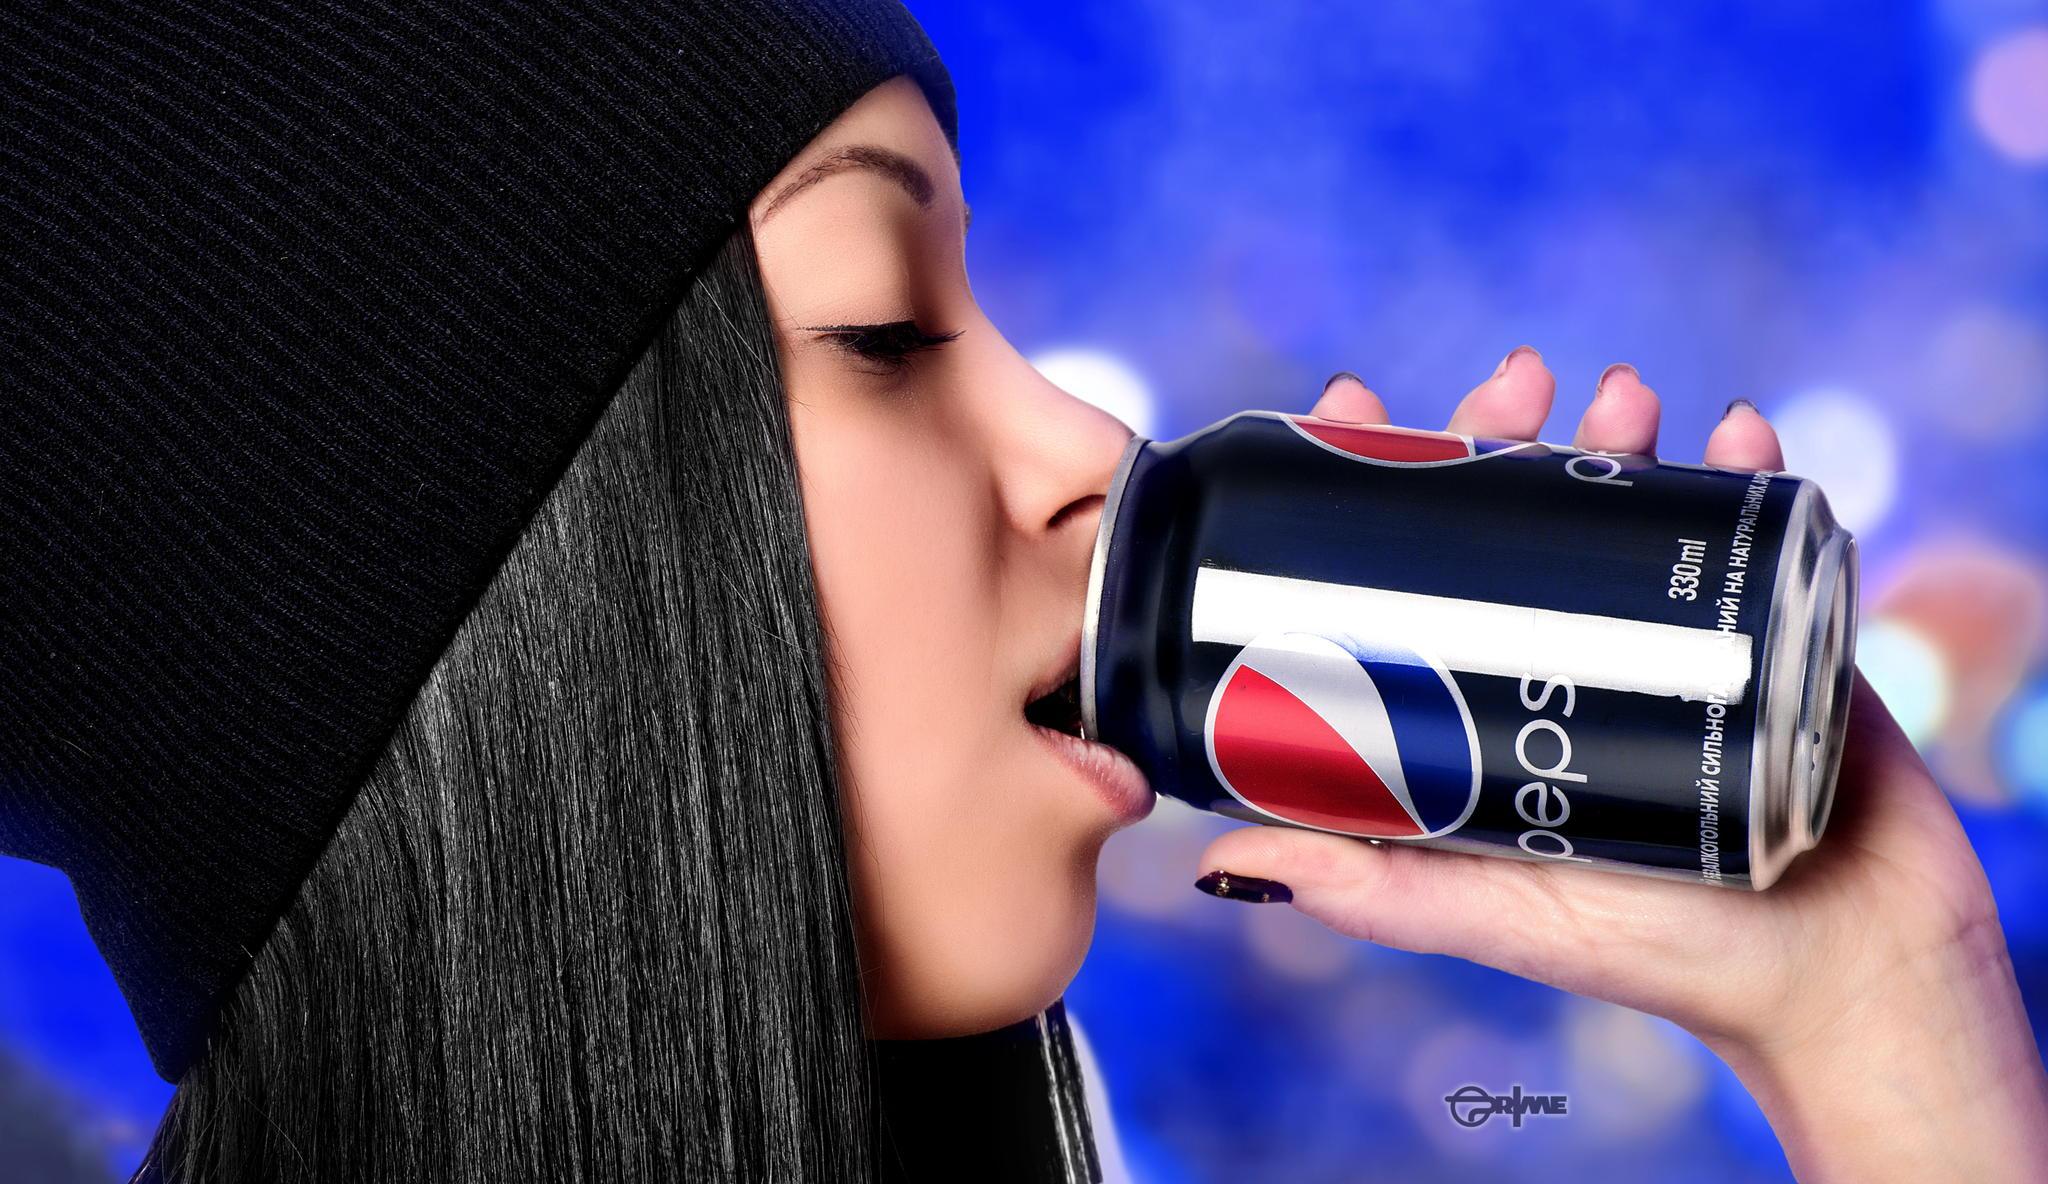 пепси картинка на прическе фона